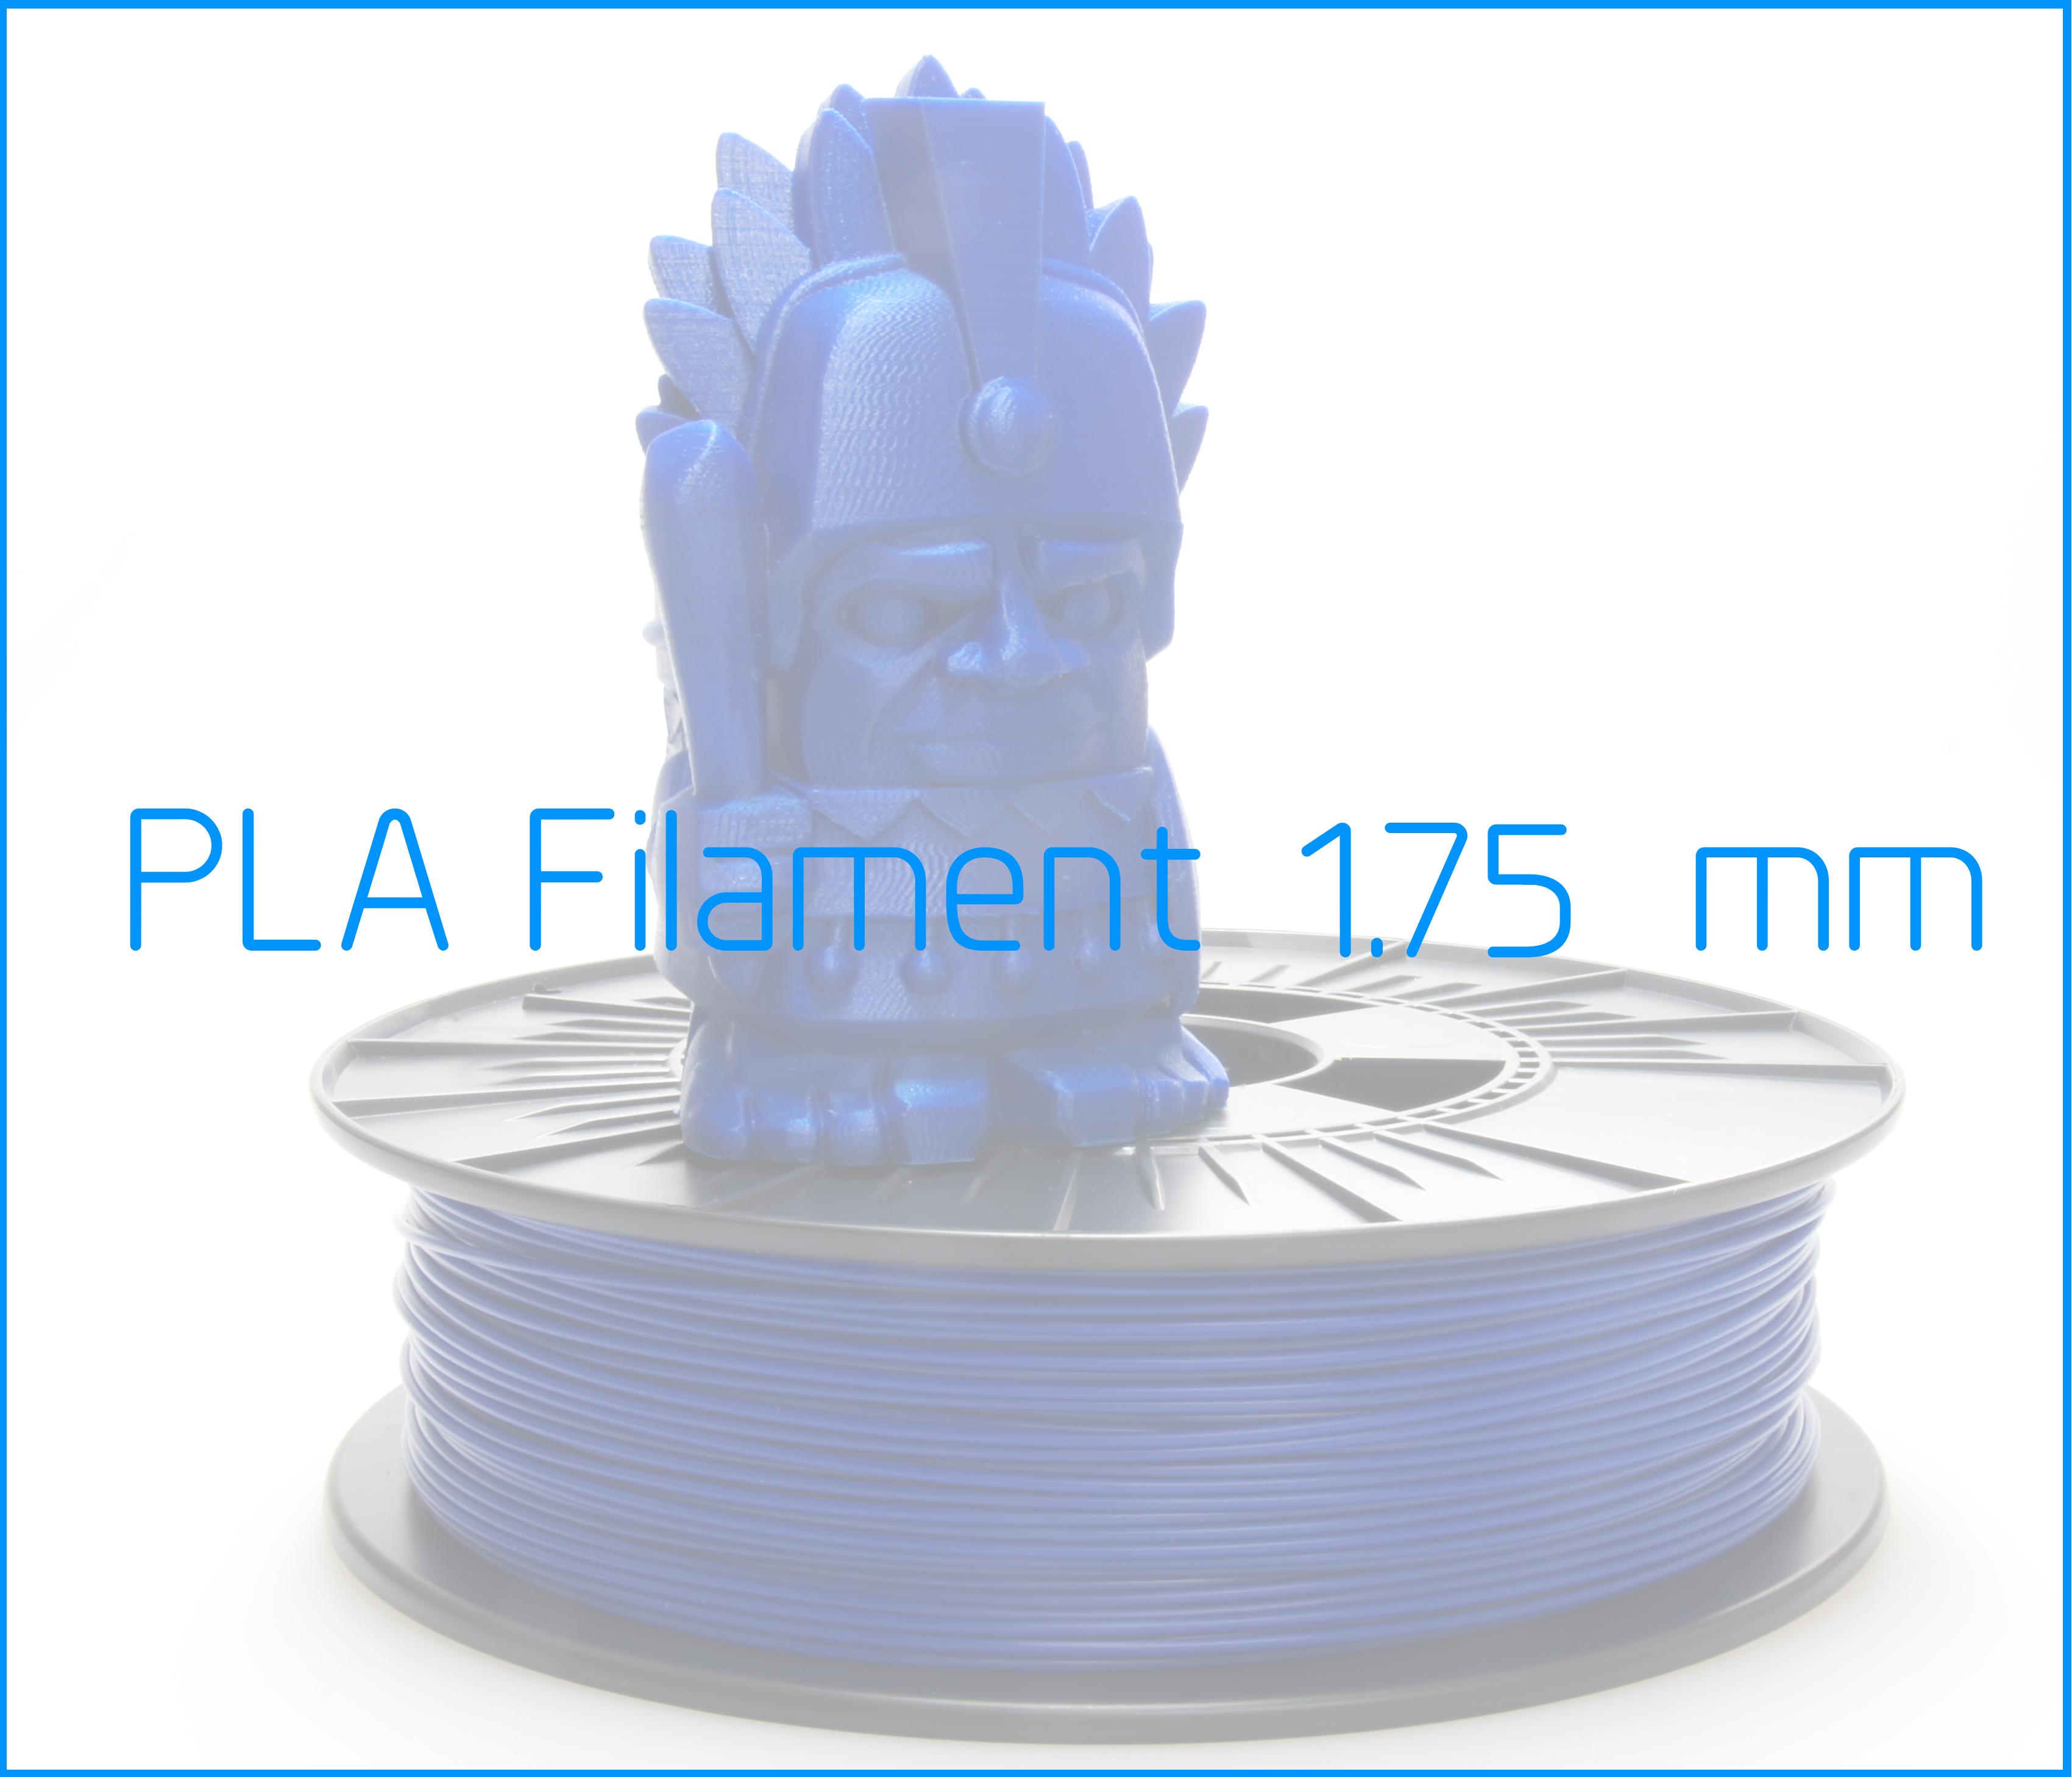 mm pla filament filamenten 3d printer. Black Bedroom Furniture Sets. Home Design Ideas